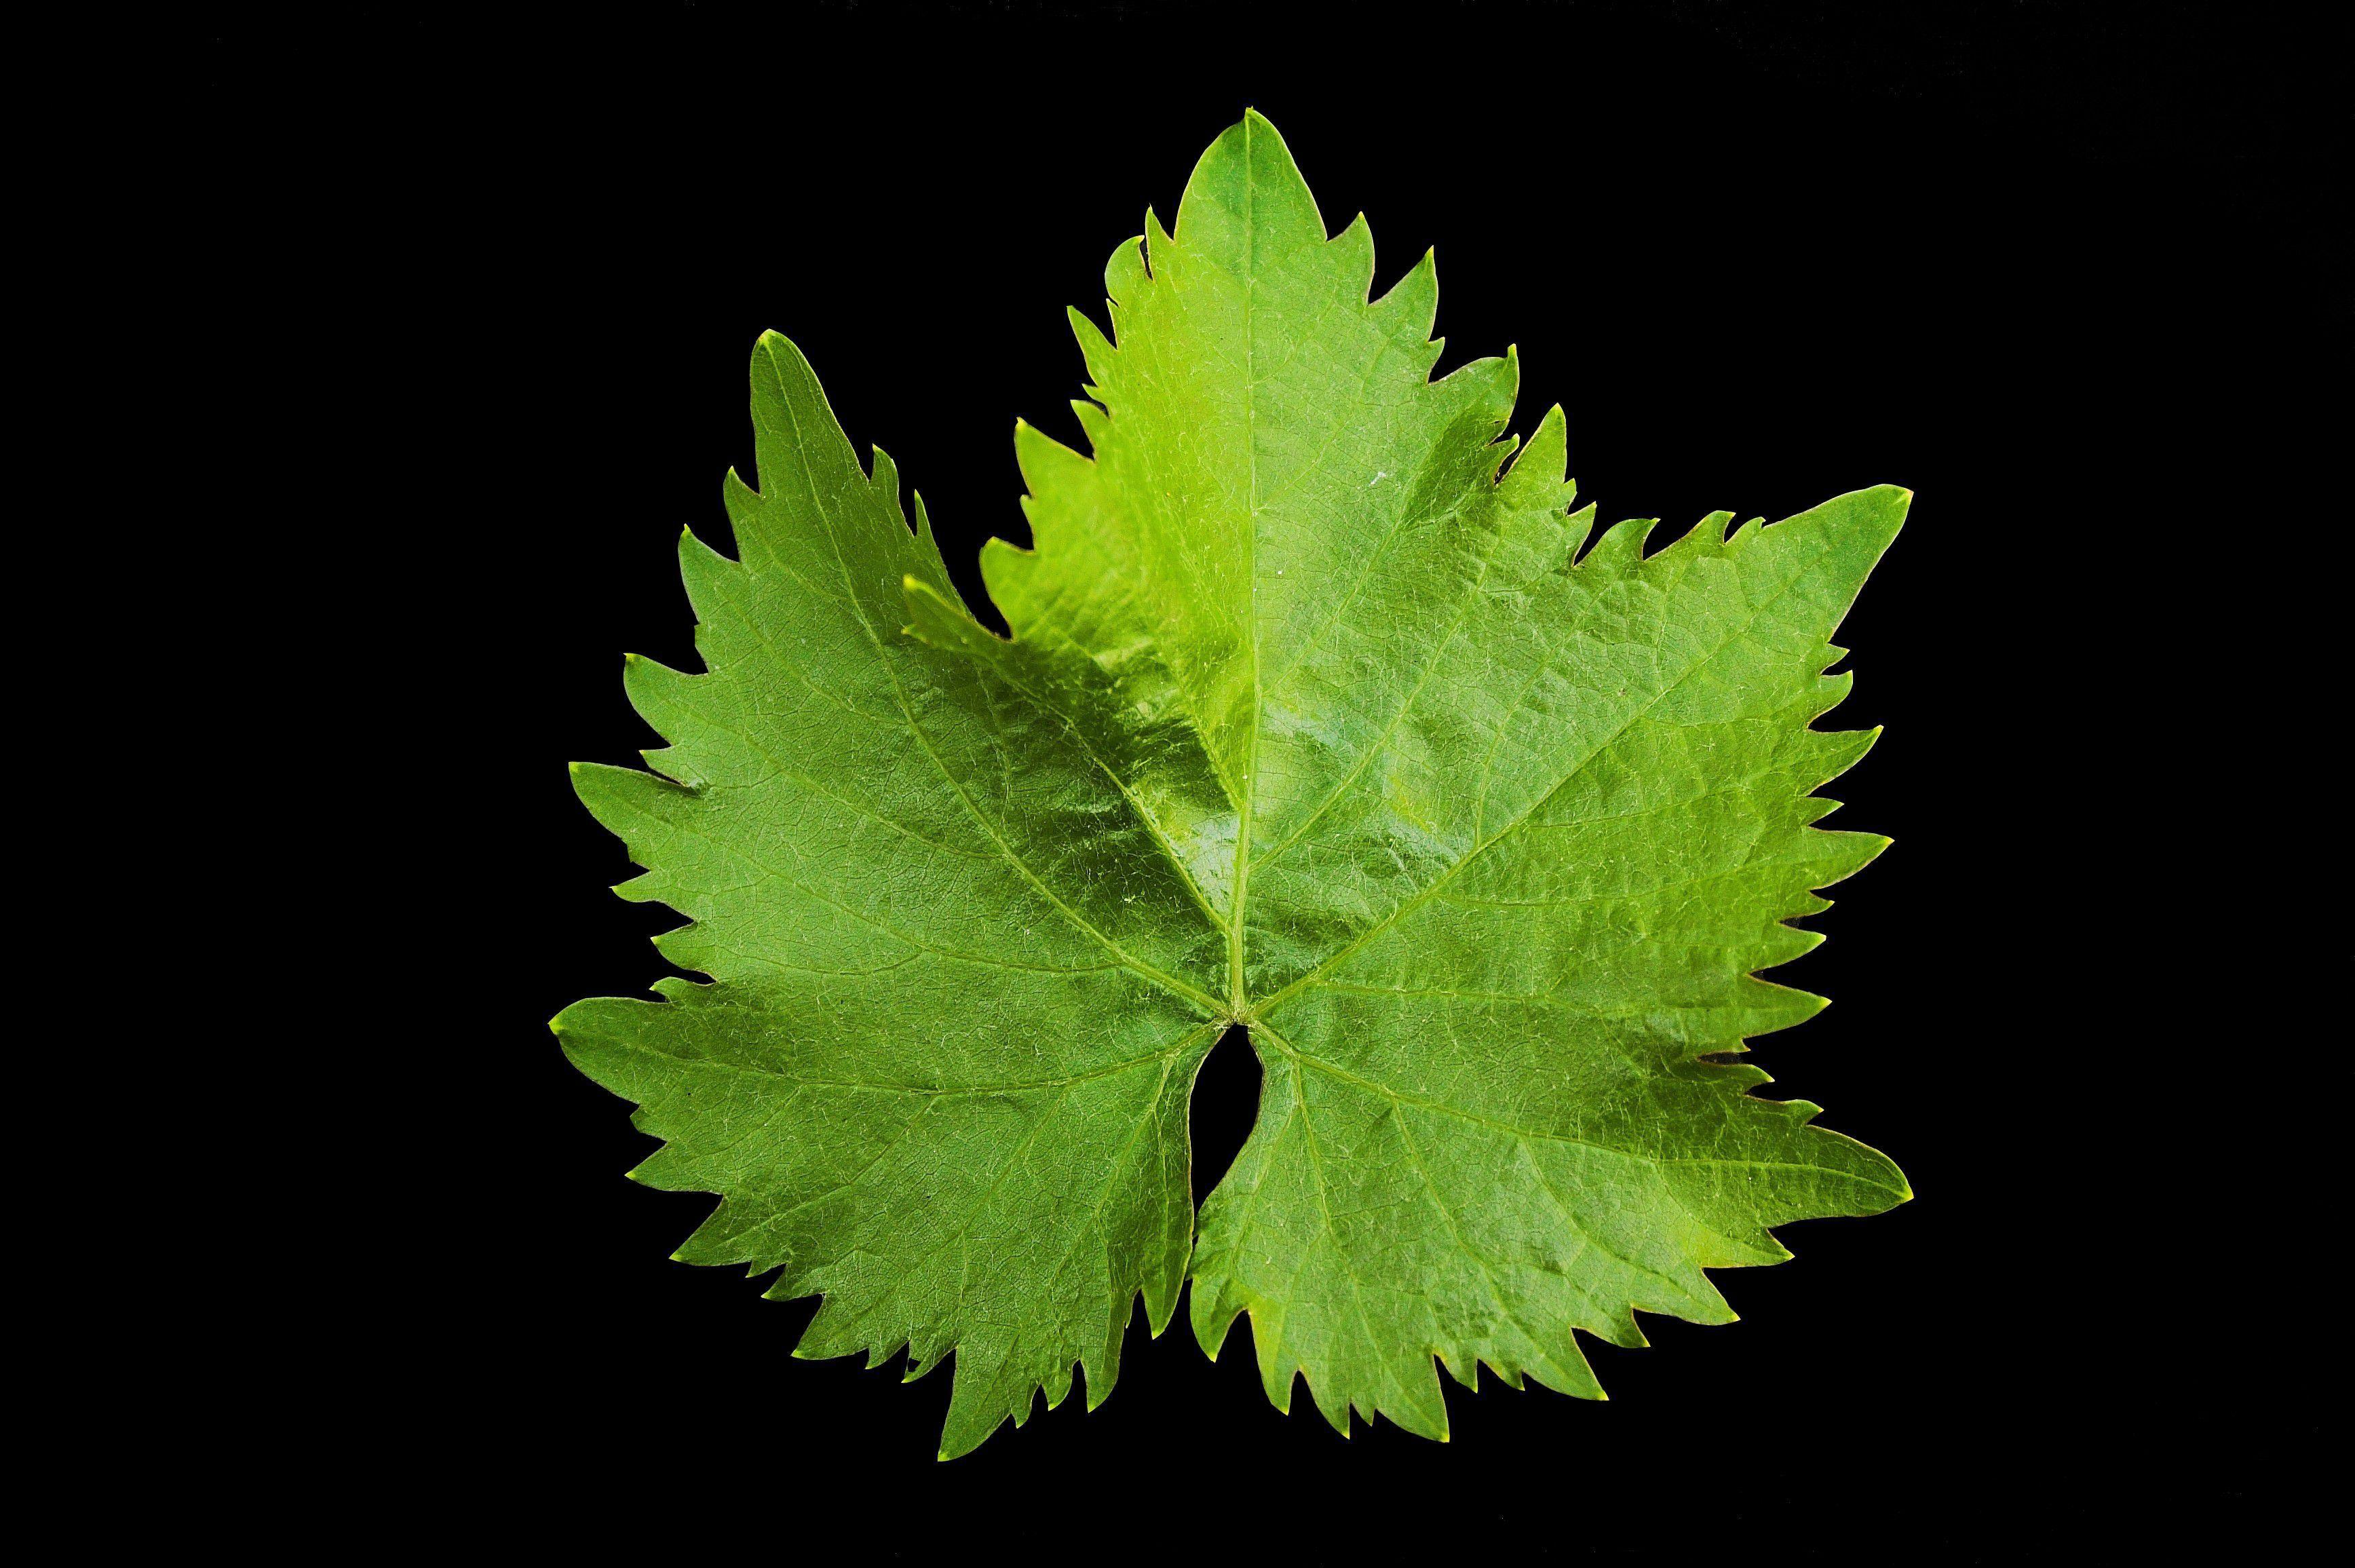 Vine Leaf Hd Desktop